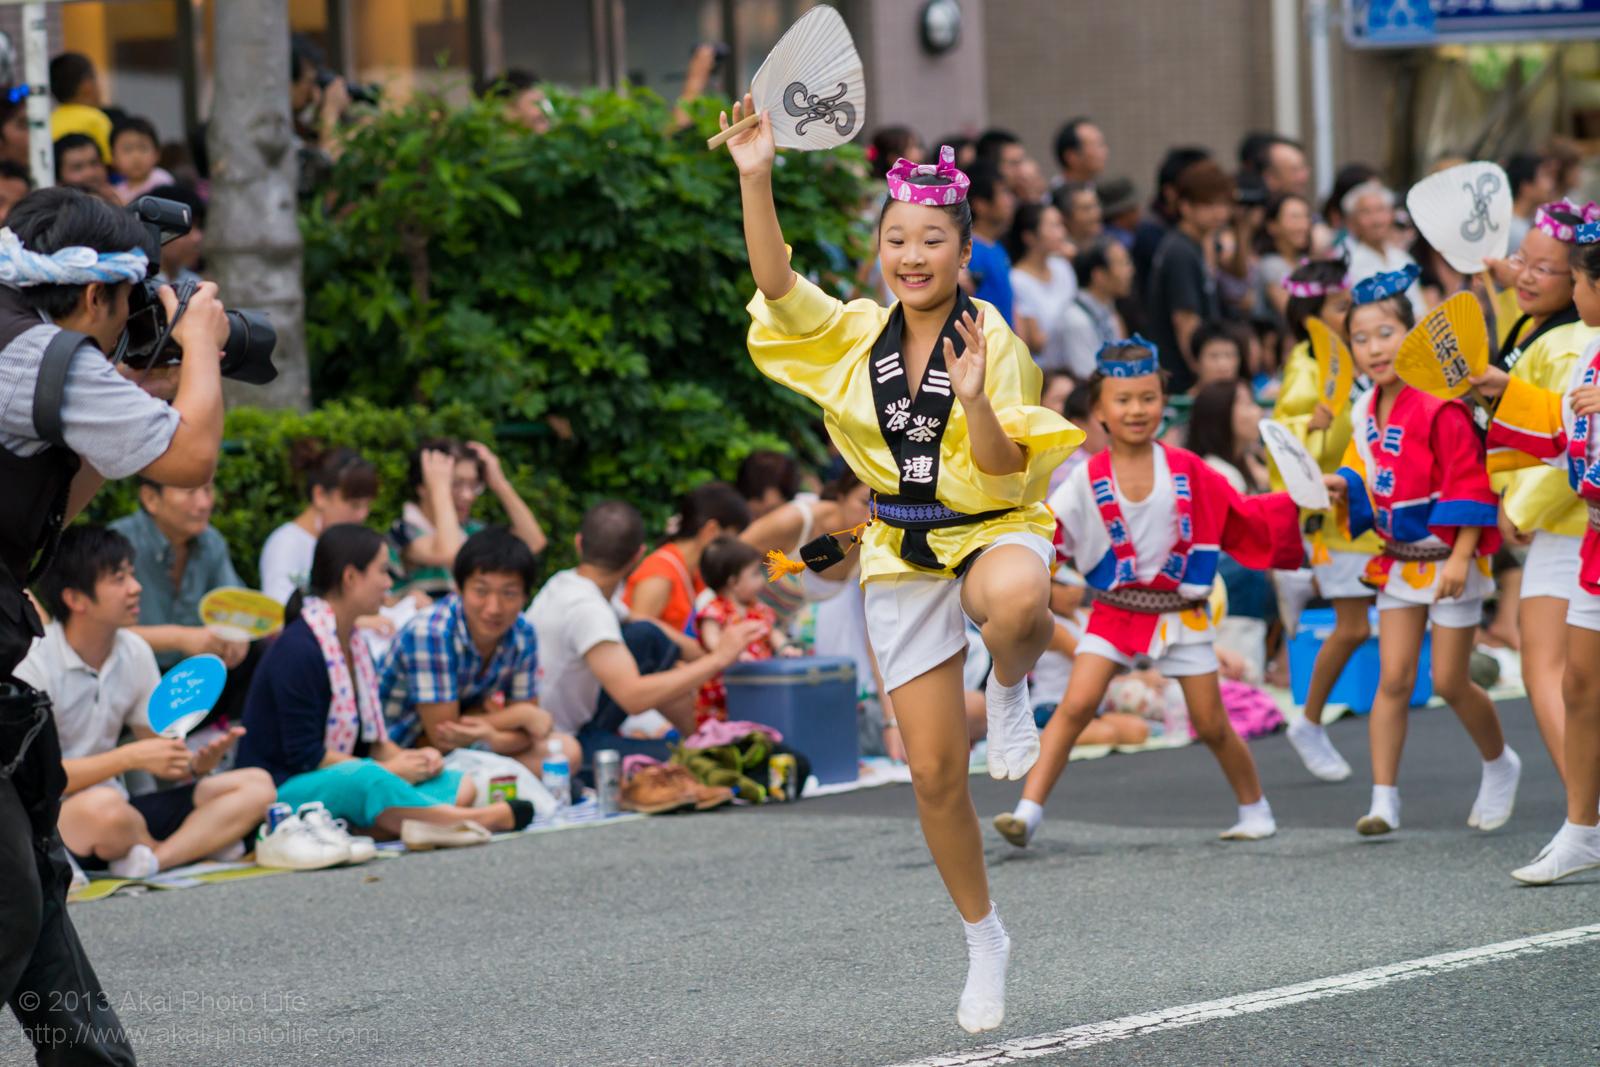 高円寺阿波踊り 三茶連の子供による団扇踊り